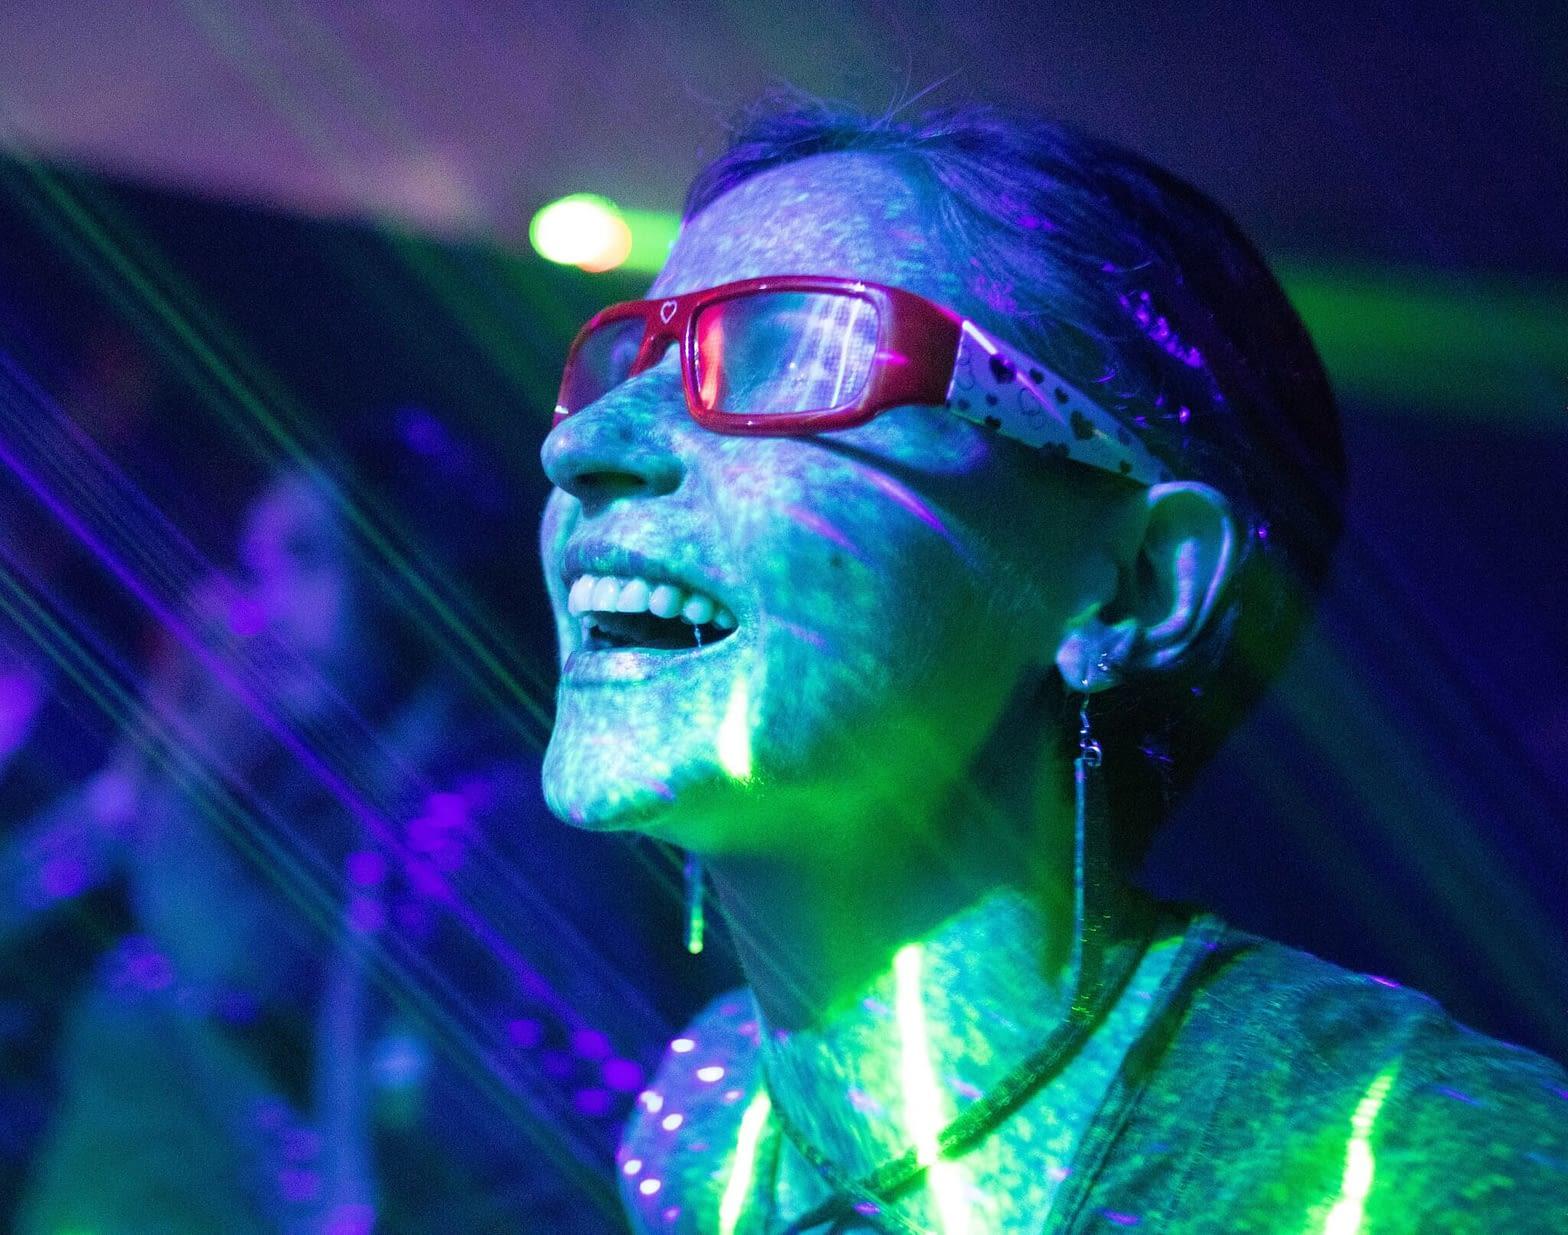 laserowa korekcja wady wzroku - ryzyko i pogarszanie się wzroku